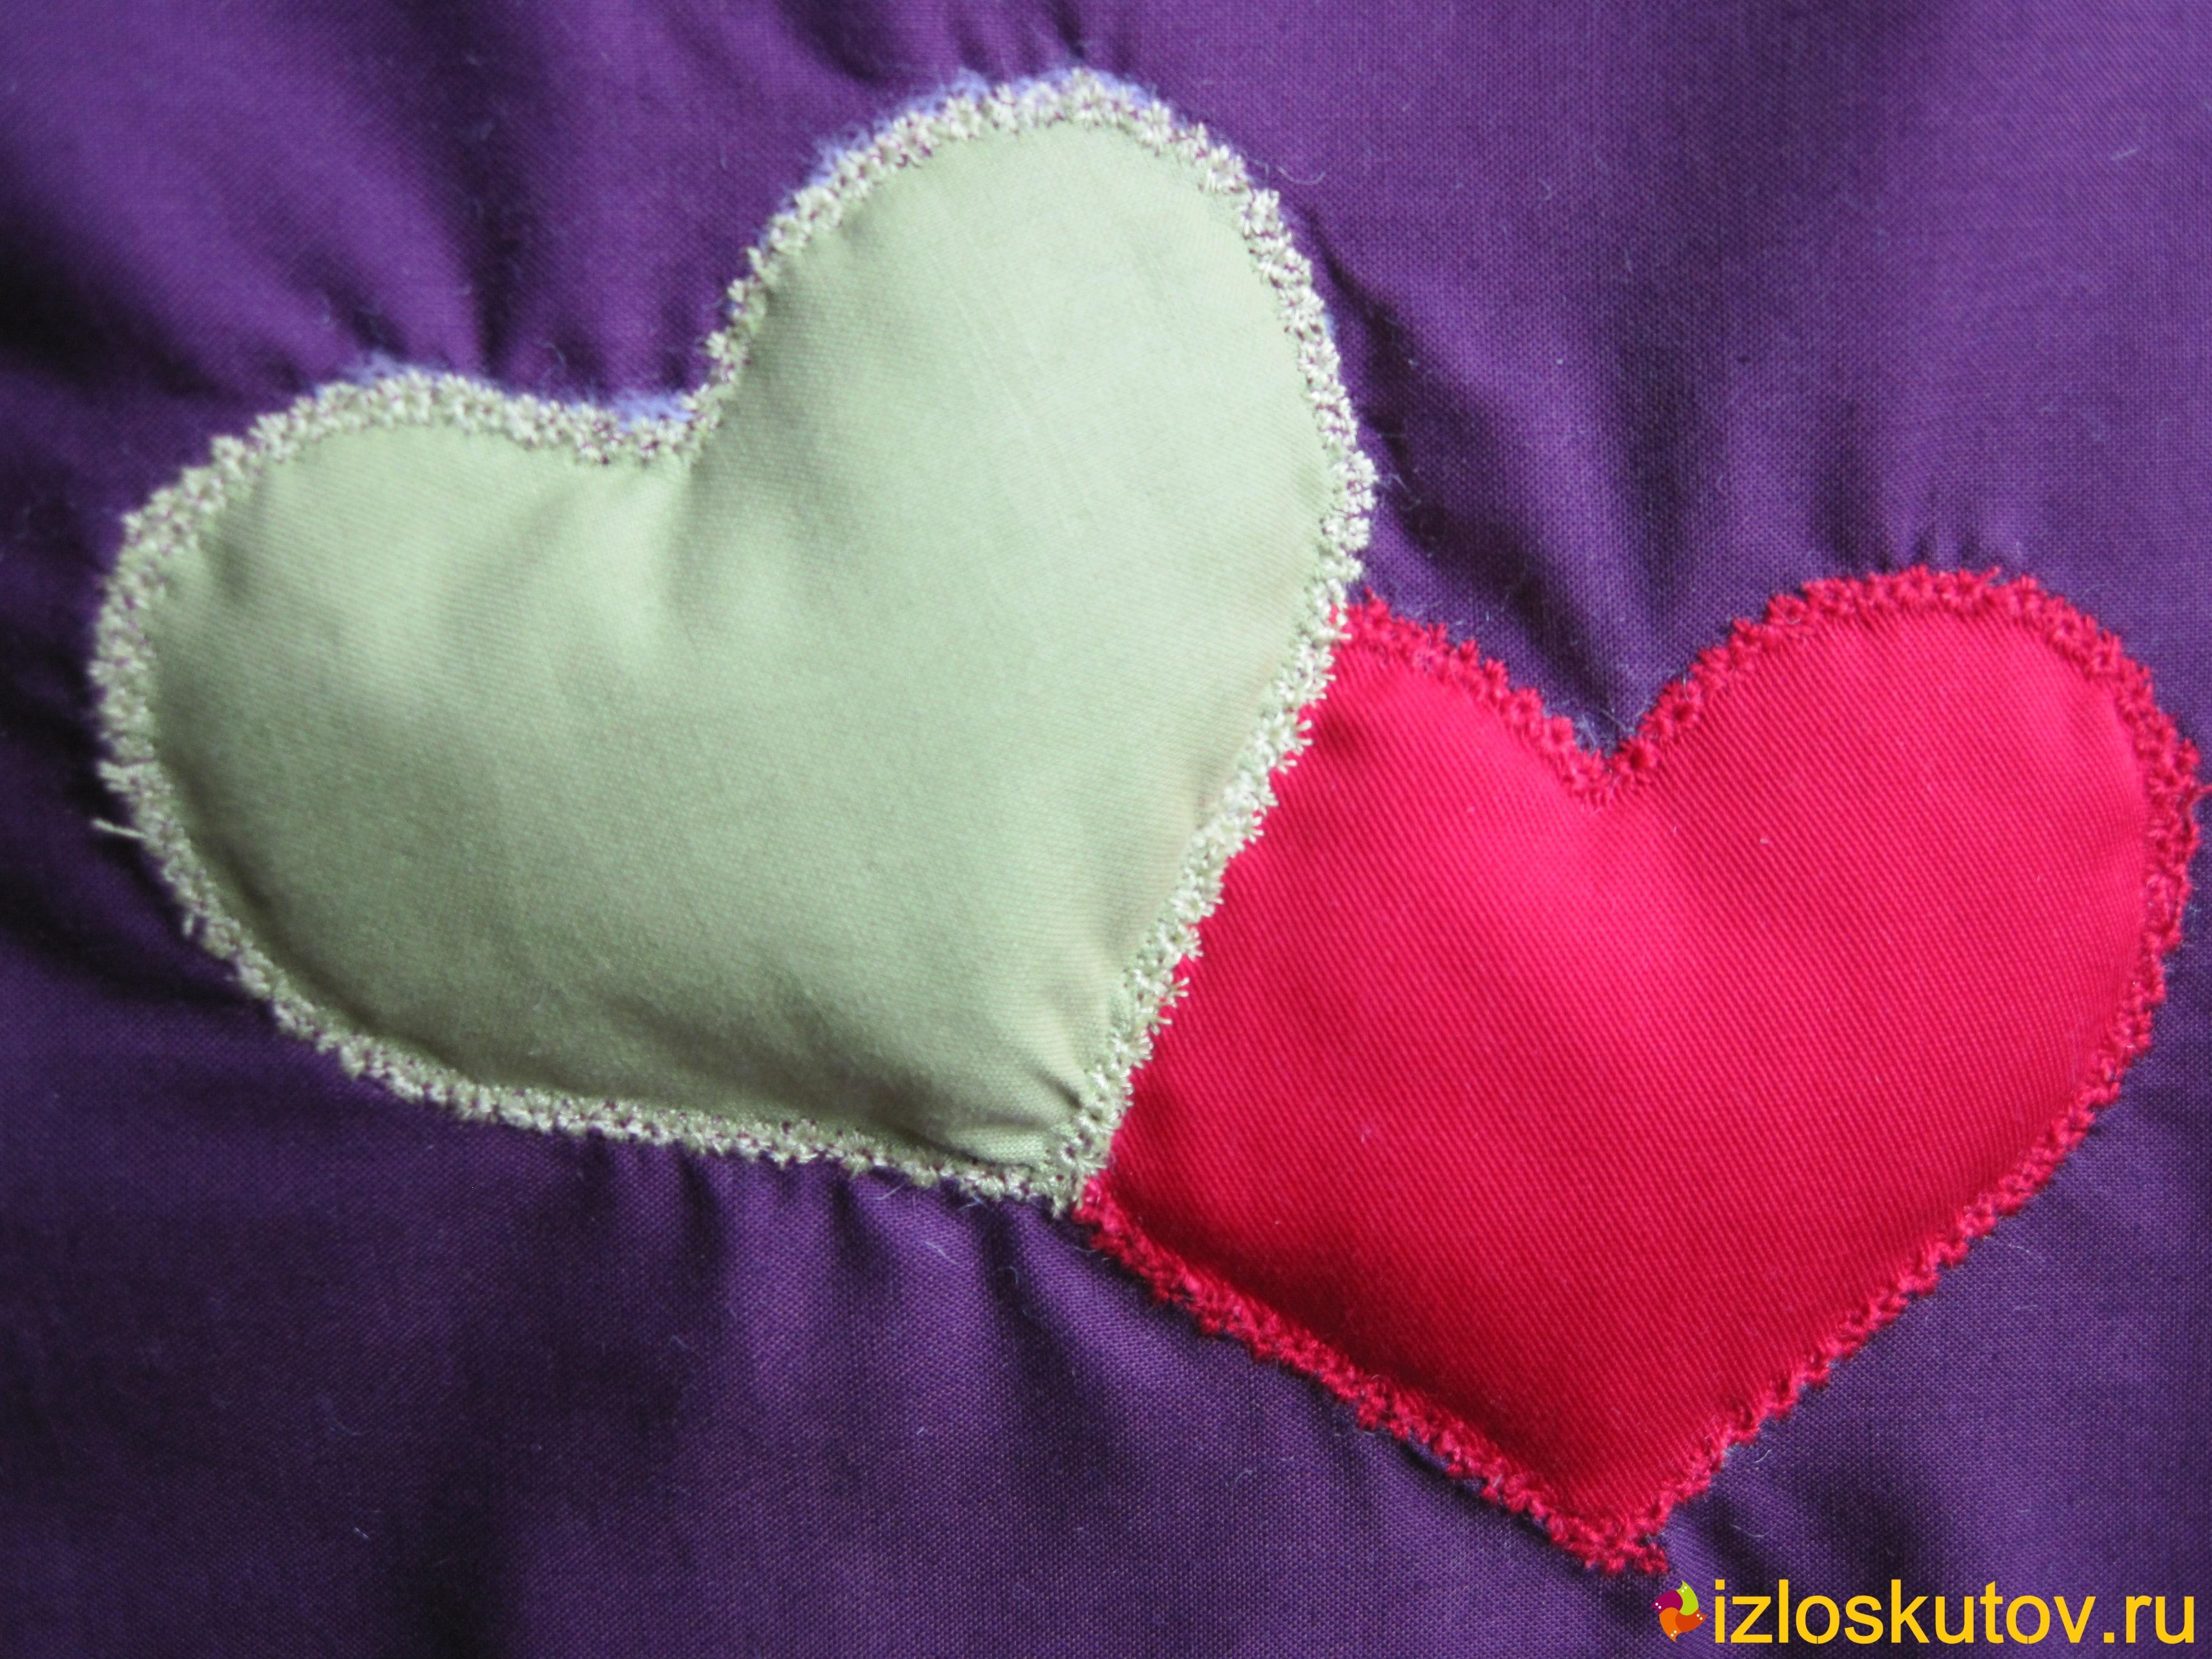 """Лоскутный комплект для кухни (фартук, рукавичка и две прихватки) """"Сердцеед"""" № 1024"""